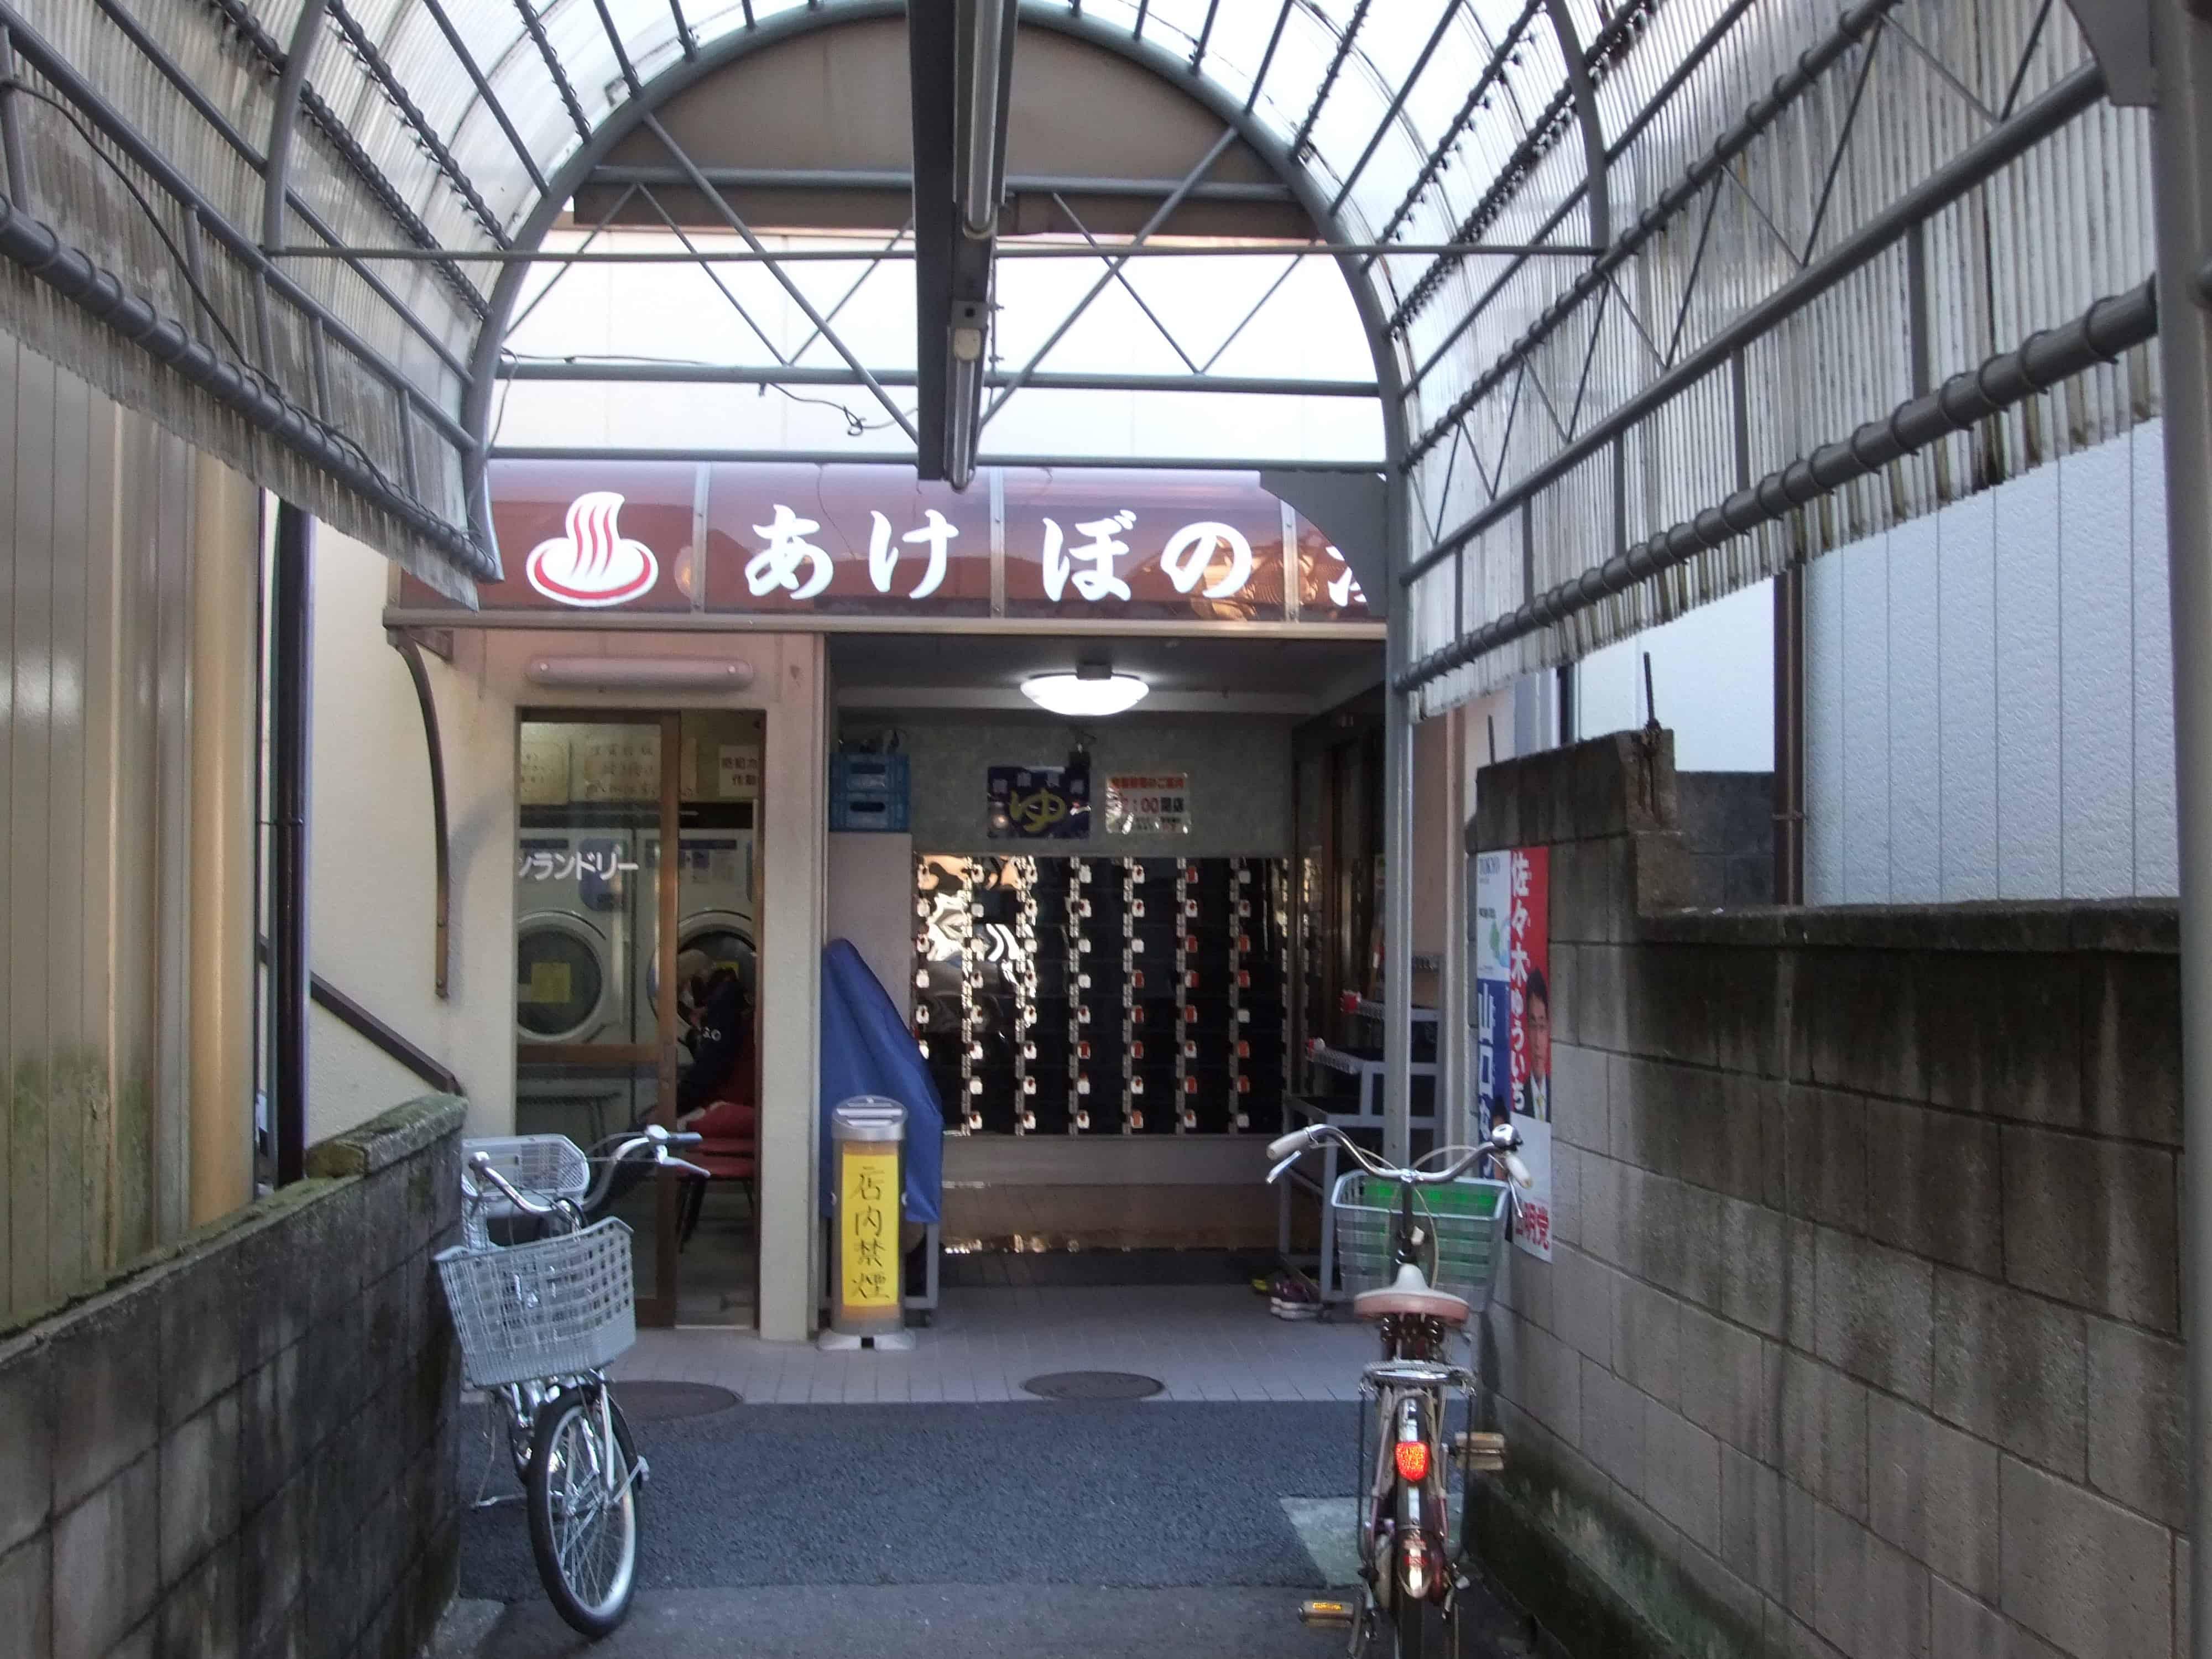 ออนเซ็นในโตเกียวที่คนมีรอยสักเข้าได้ : Akebonoyu